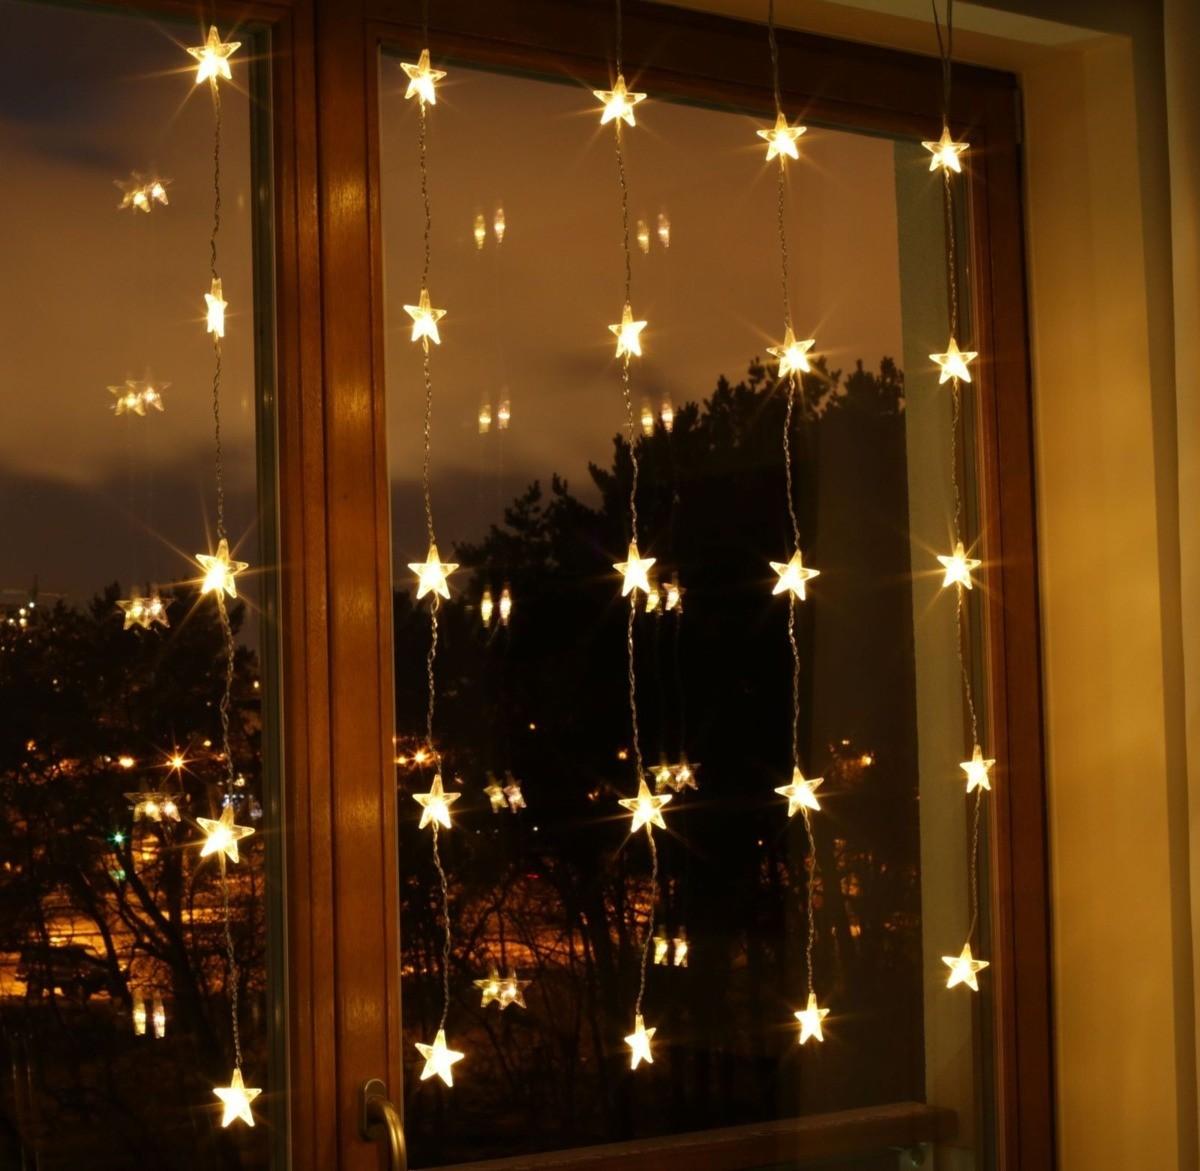 Bulinex : Kurtyna świetlna LED gwiazdki 25L kolorowe 216118